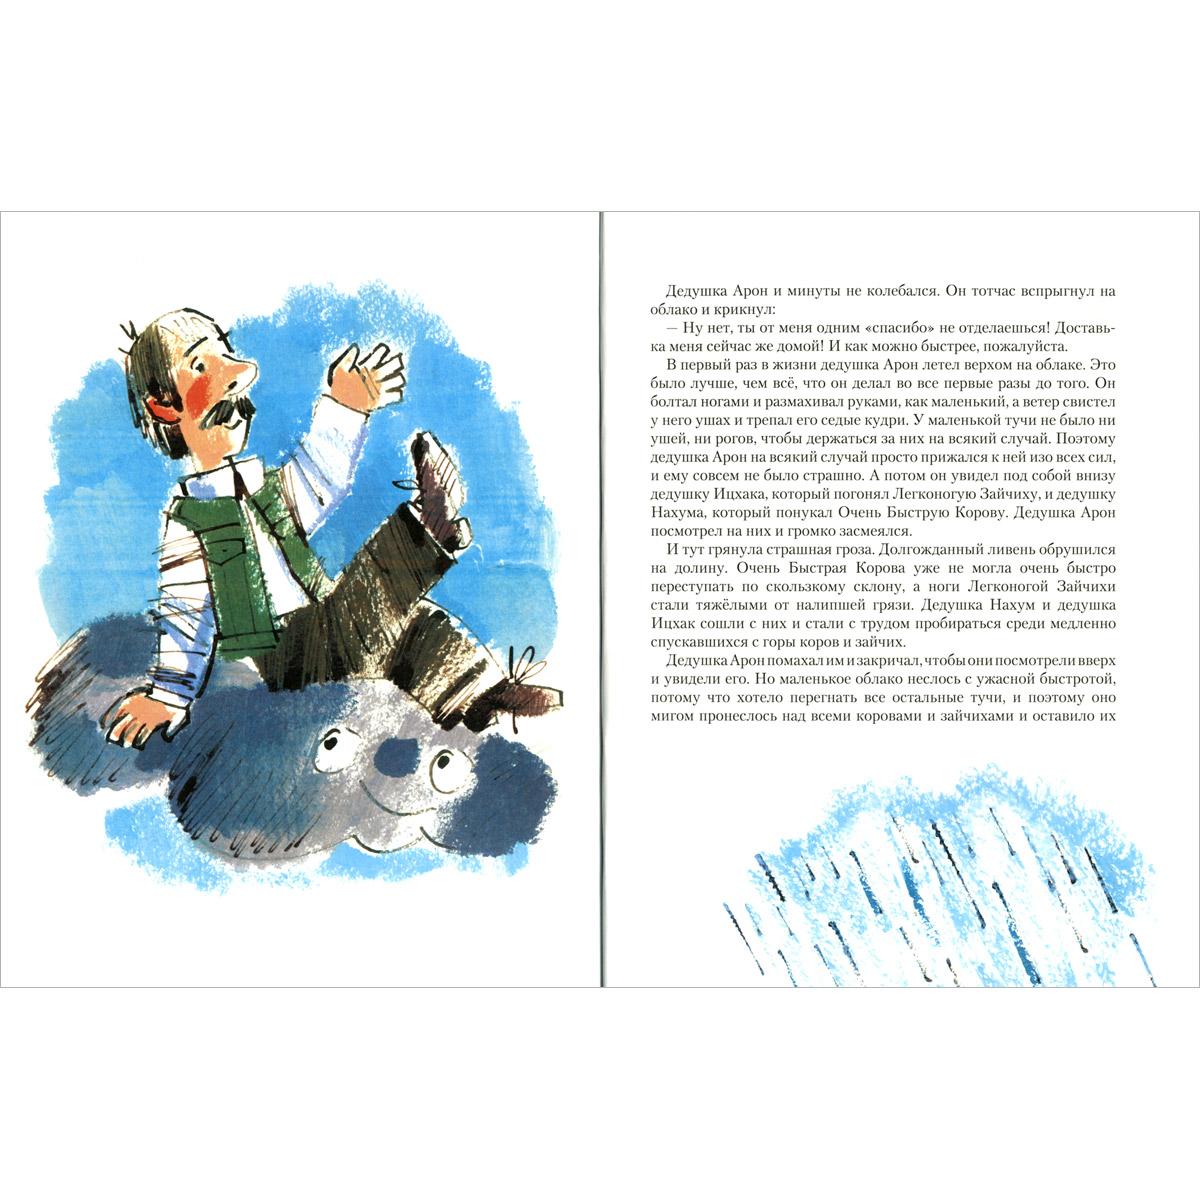 Дедушкин дождь и другие удивительные истории